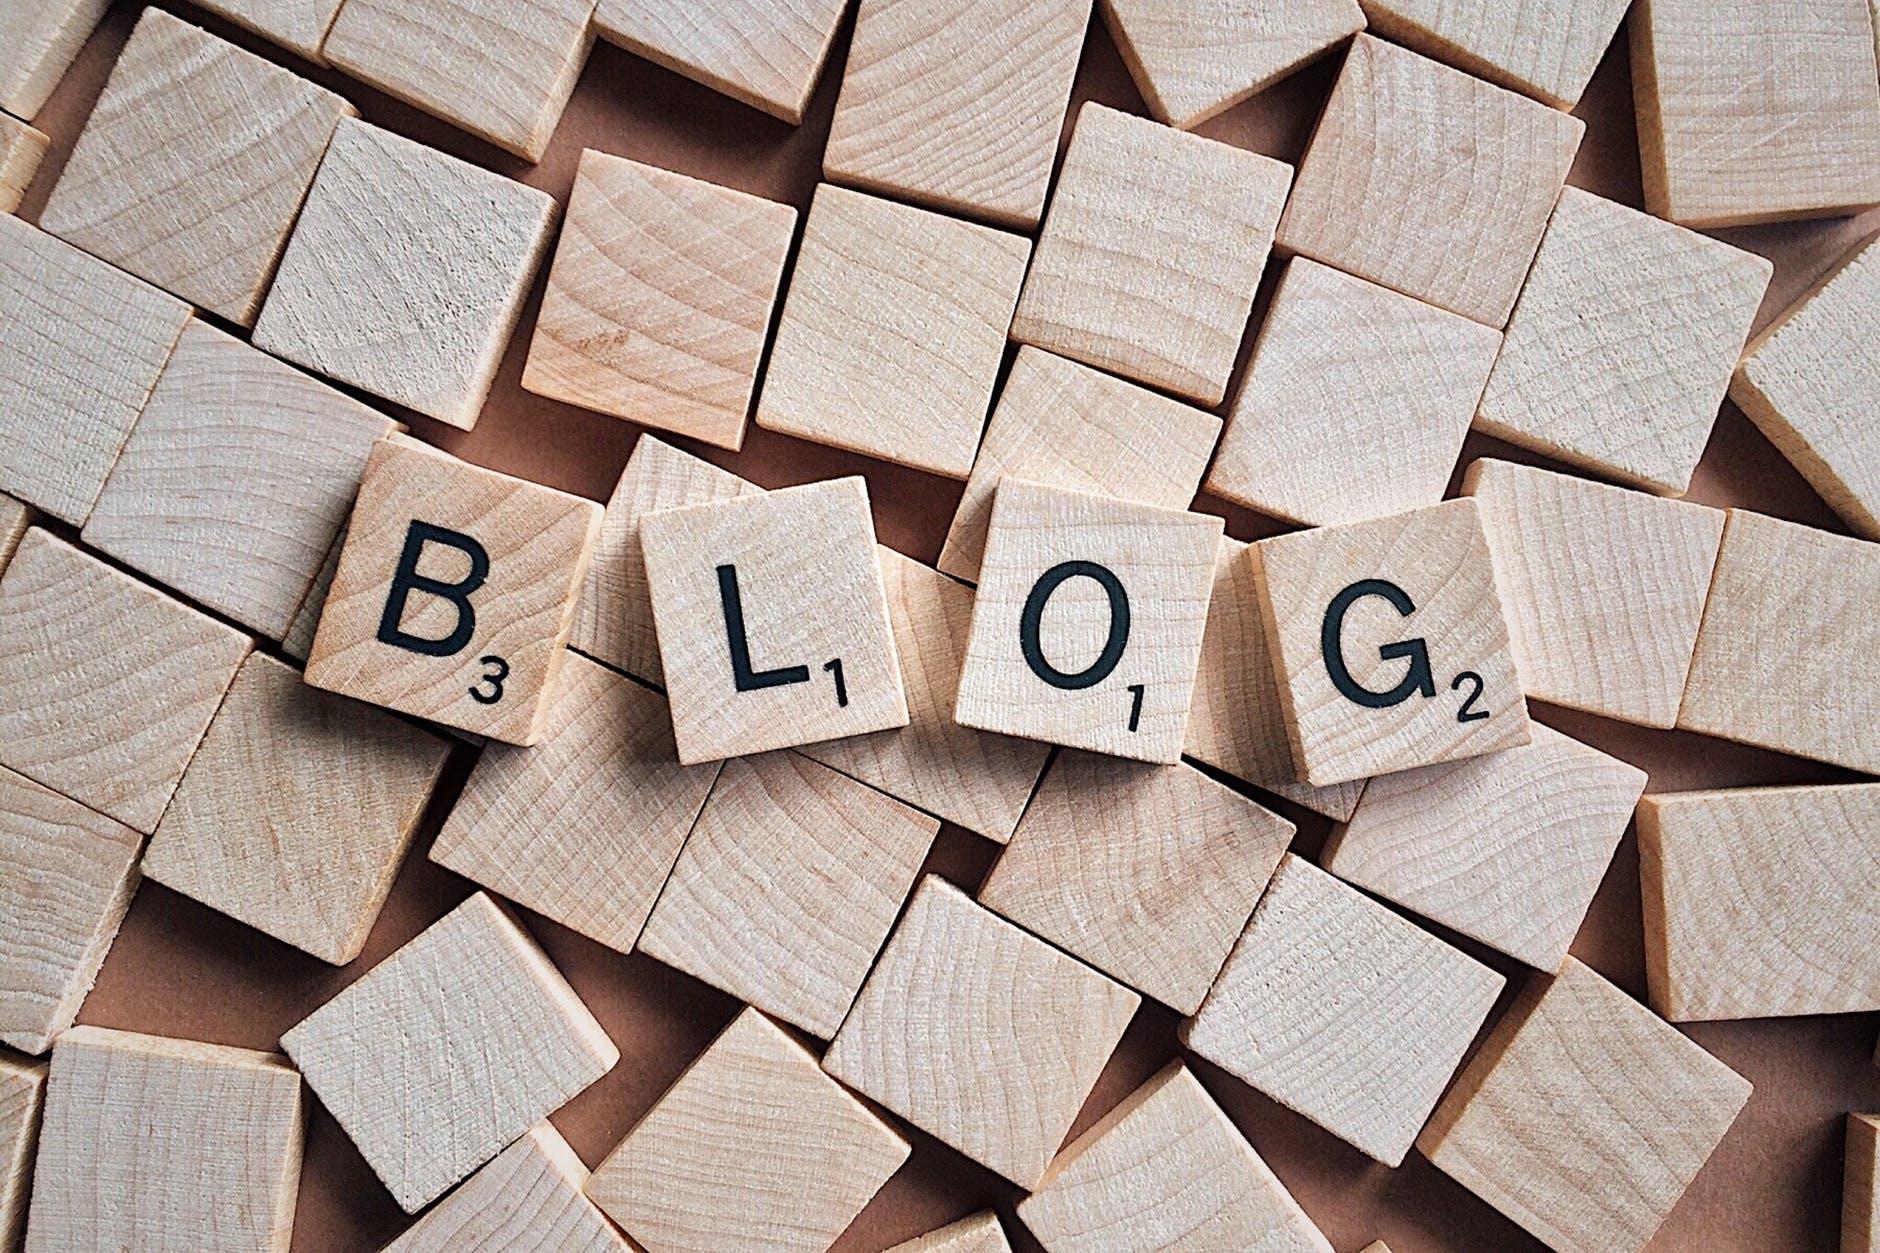 Yeni Bir Blog Yayını Yayınladıktan Sonra Kesinlikle Yapmanız Gereken 11 Şey